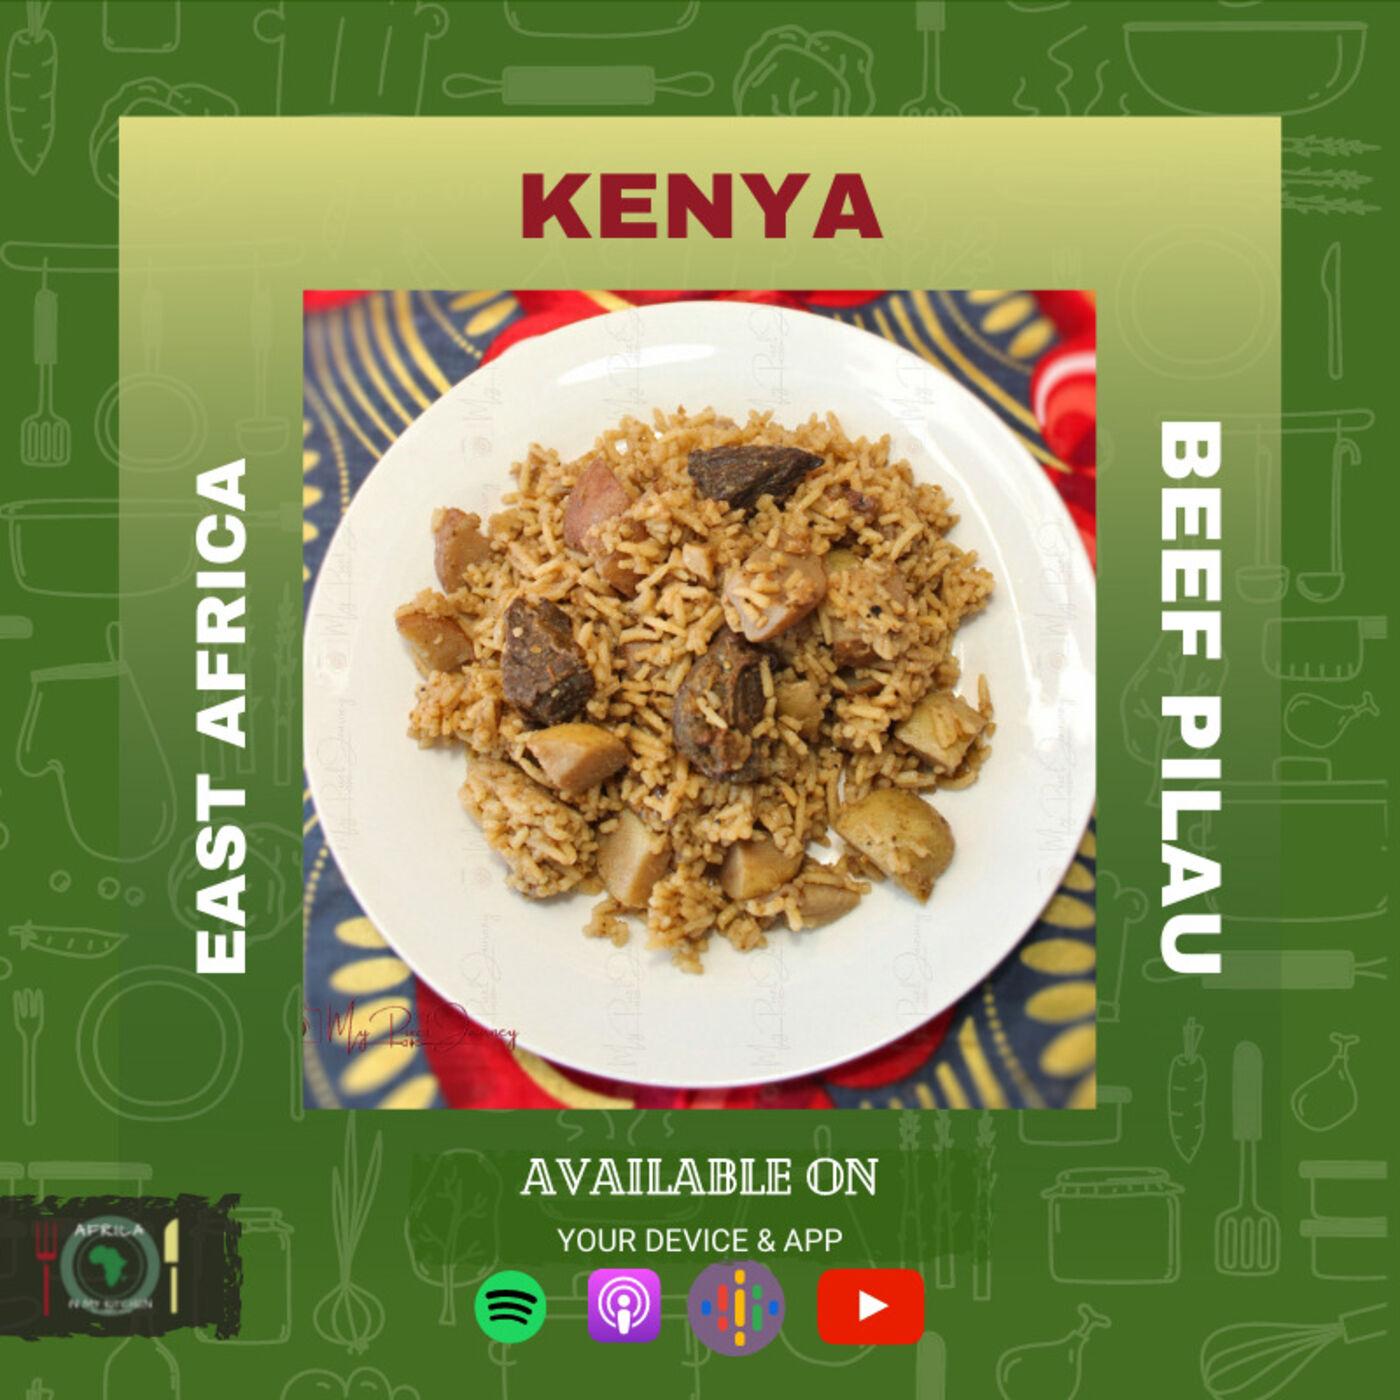 Kenya - Beef Pilau